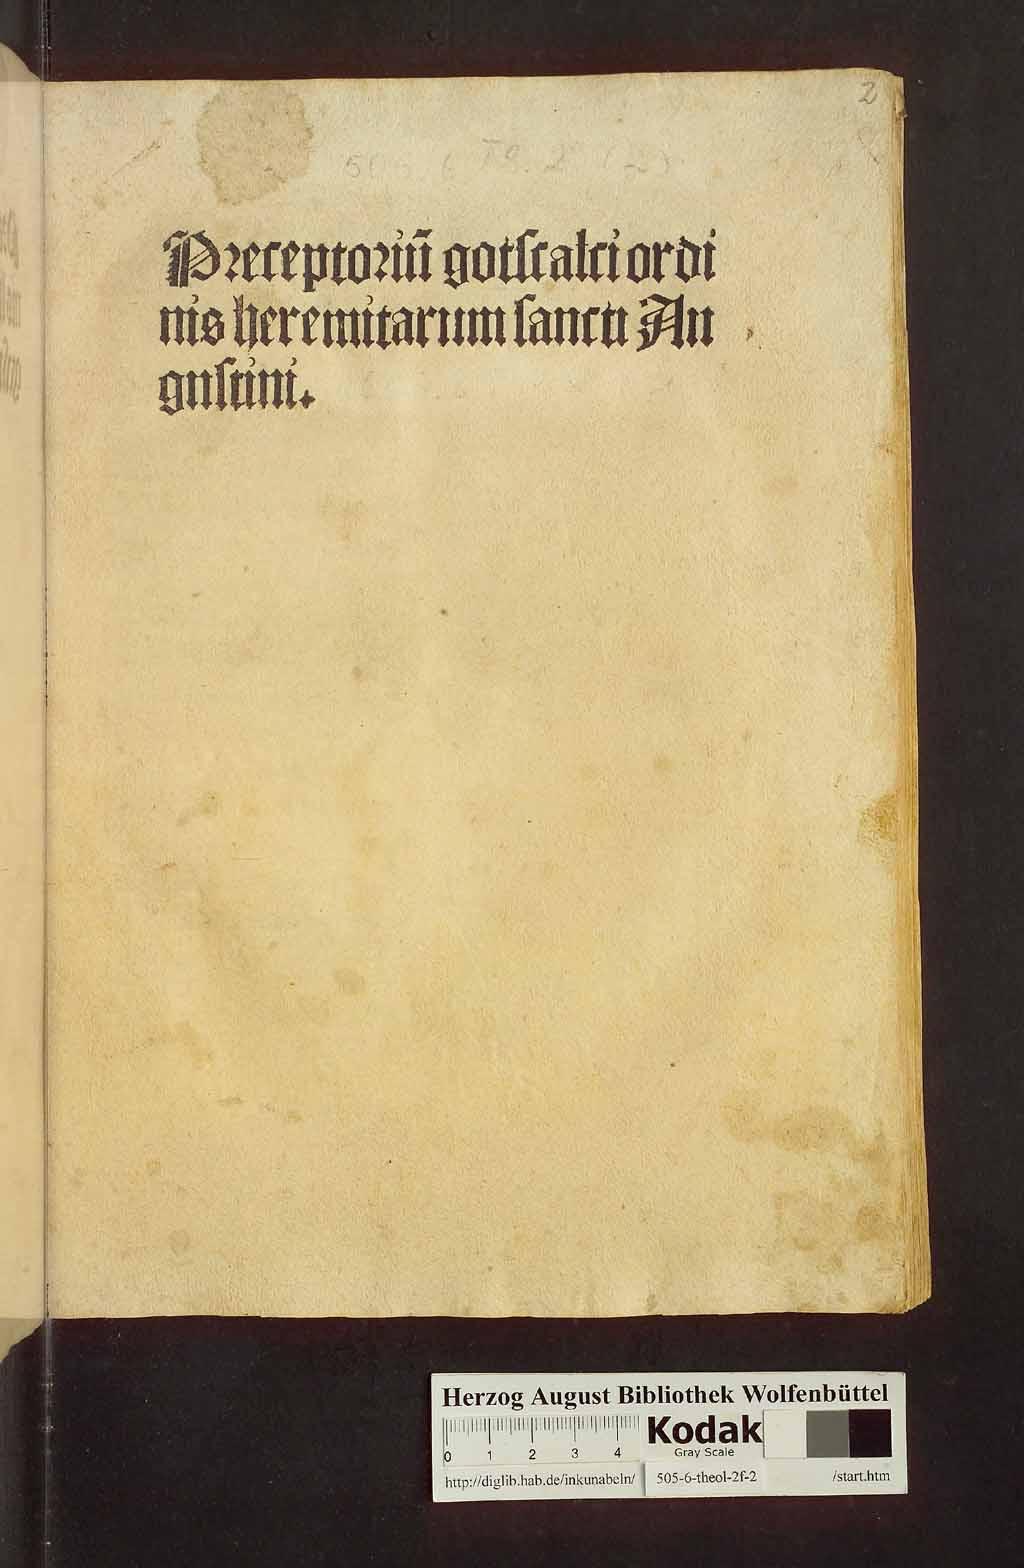 http://diglib.hab.de/inkunabeln/505-6-theol-2f-2/00001.jpg